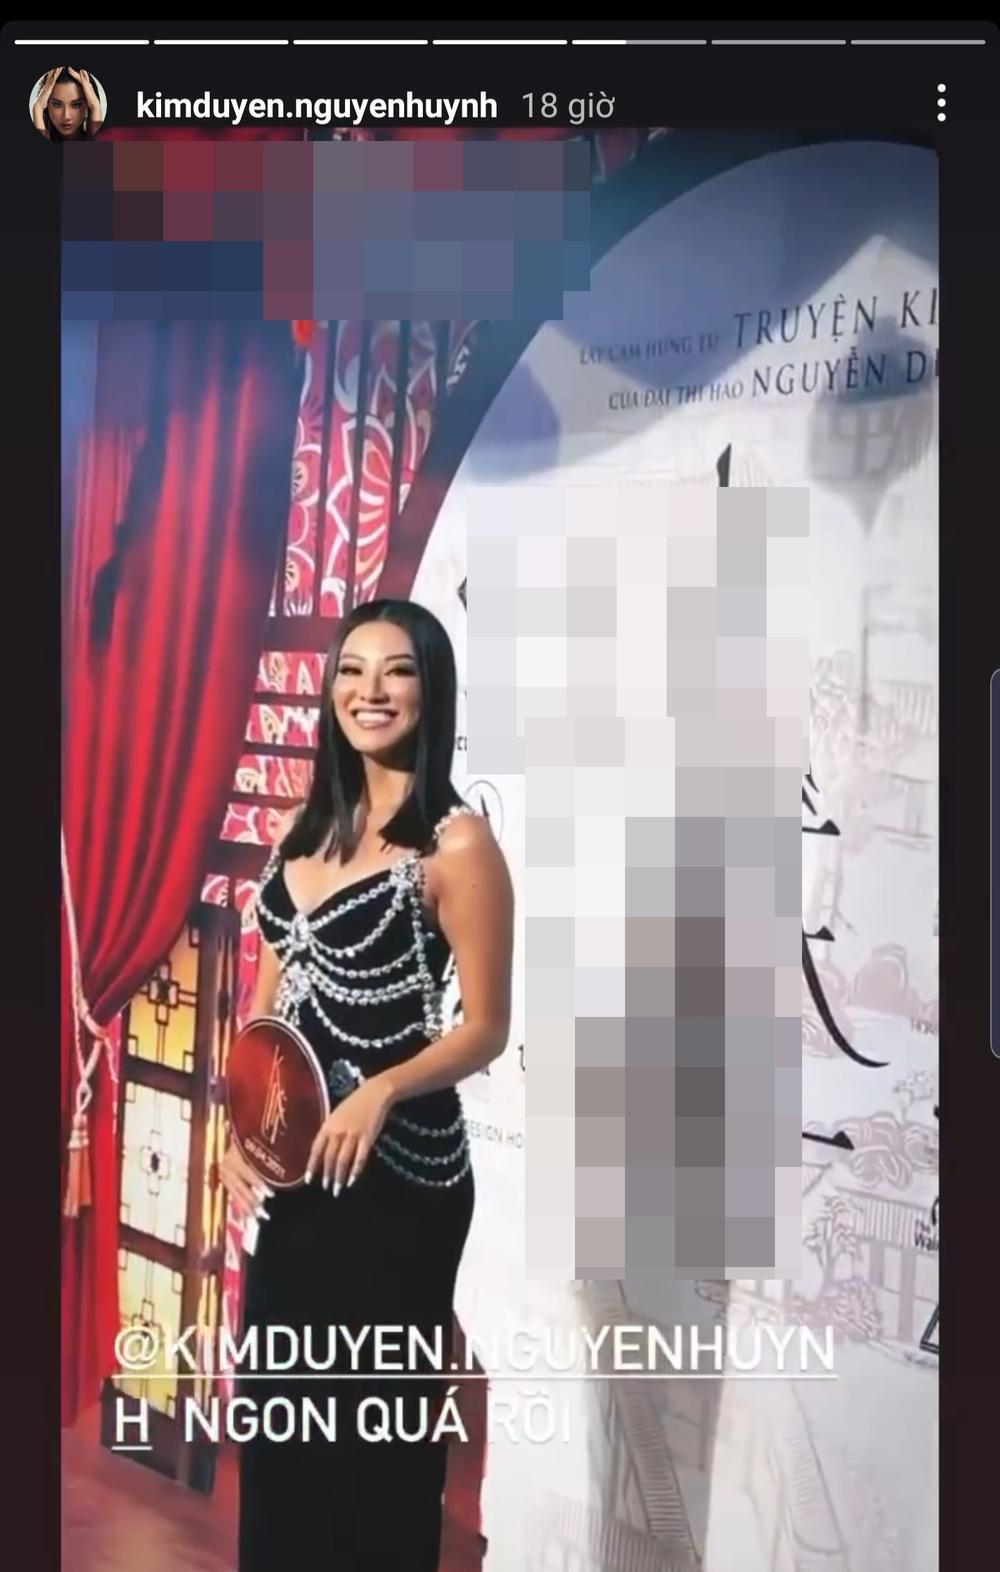 Phía Á hậu Kim Duyên phân trần khi bị soi mặc váy nhái Chanel đi sự kiện Ảnh 3